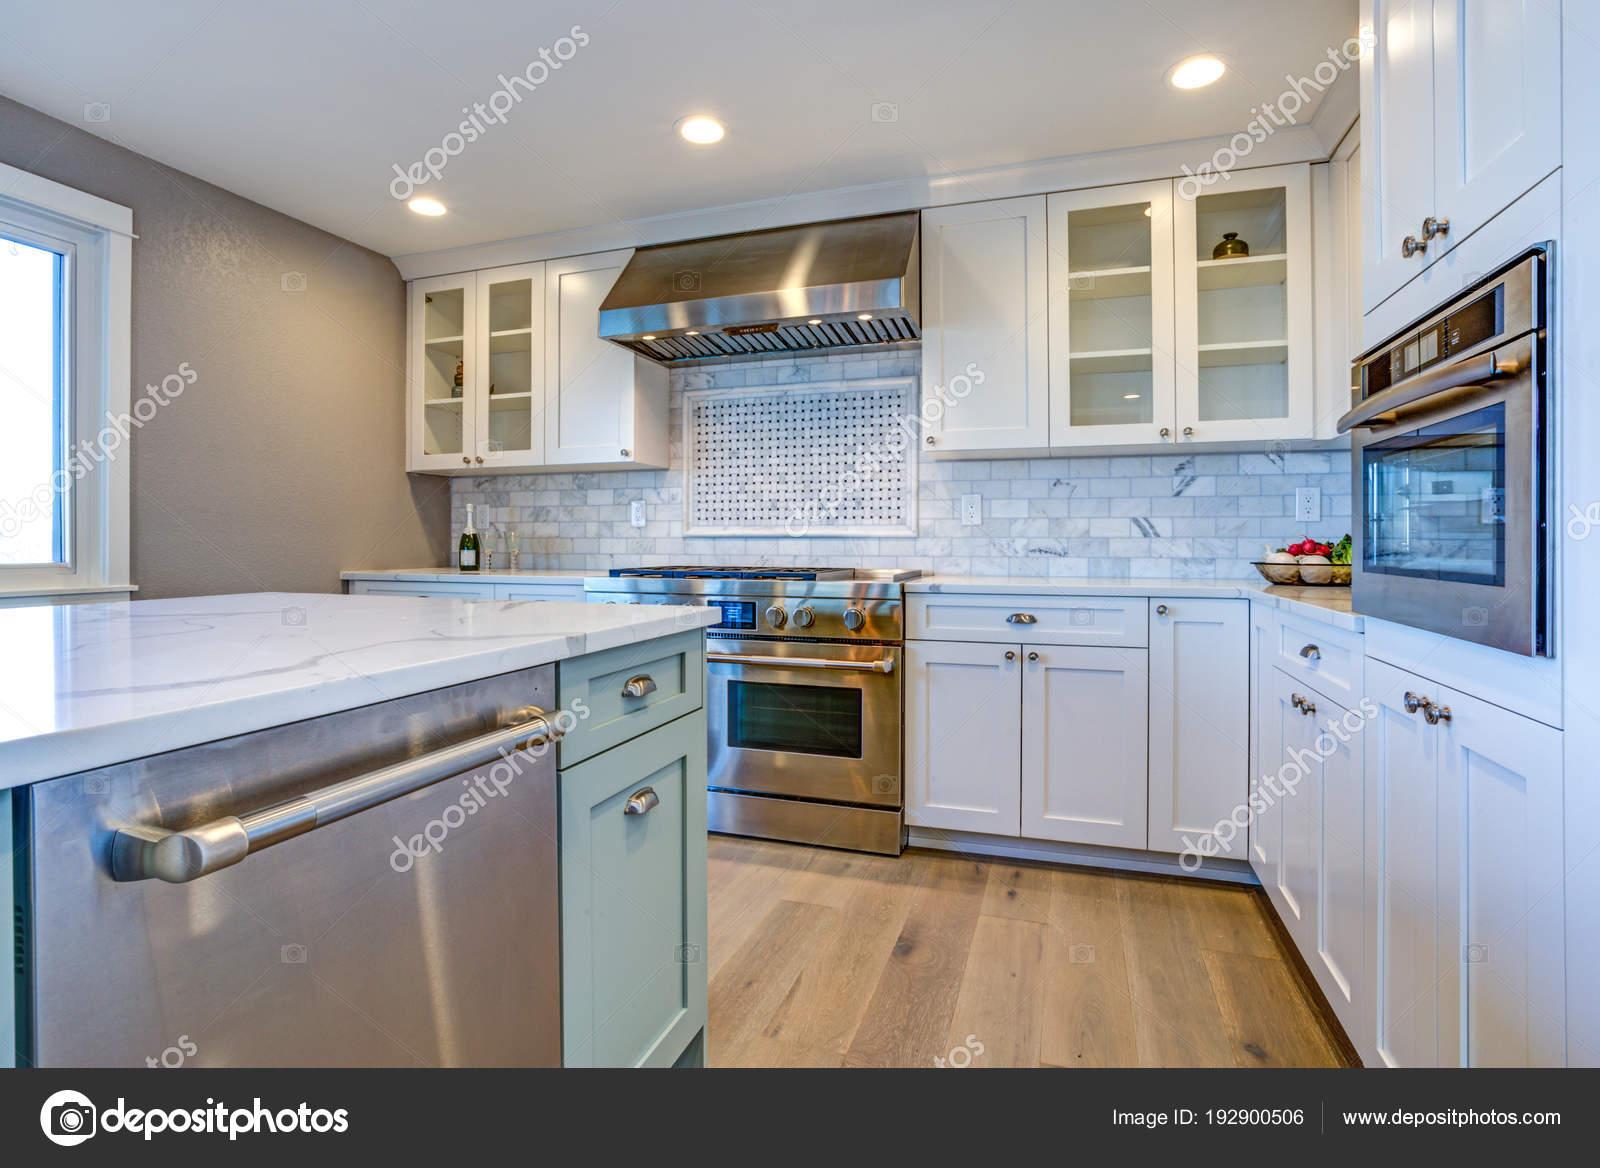 Cucina bianca con cappa in acciaio inox sopra piano cottura a gas ...